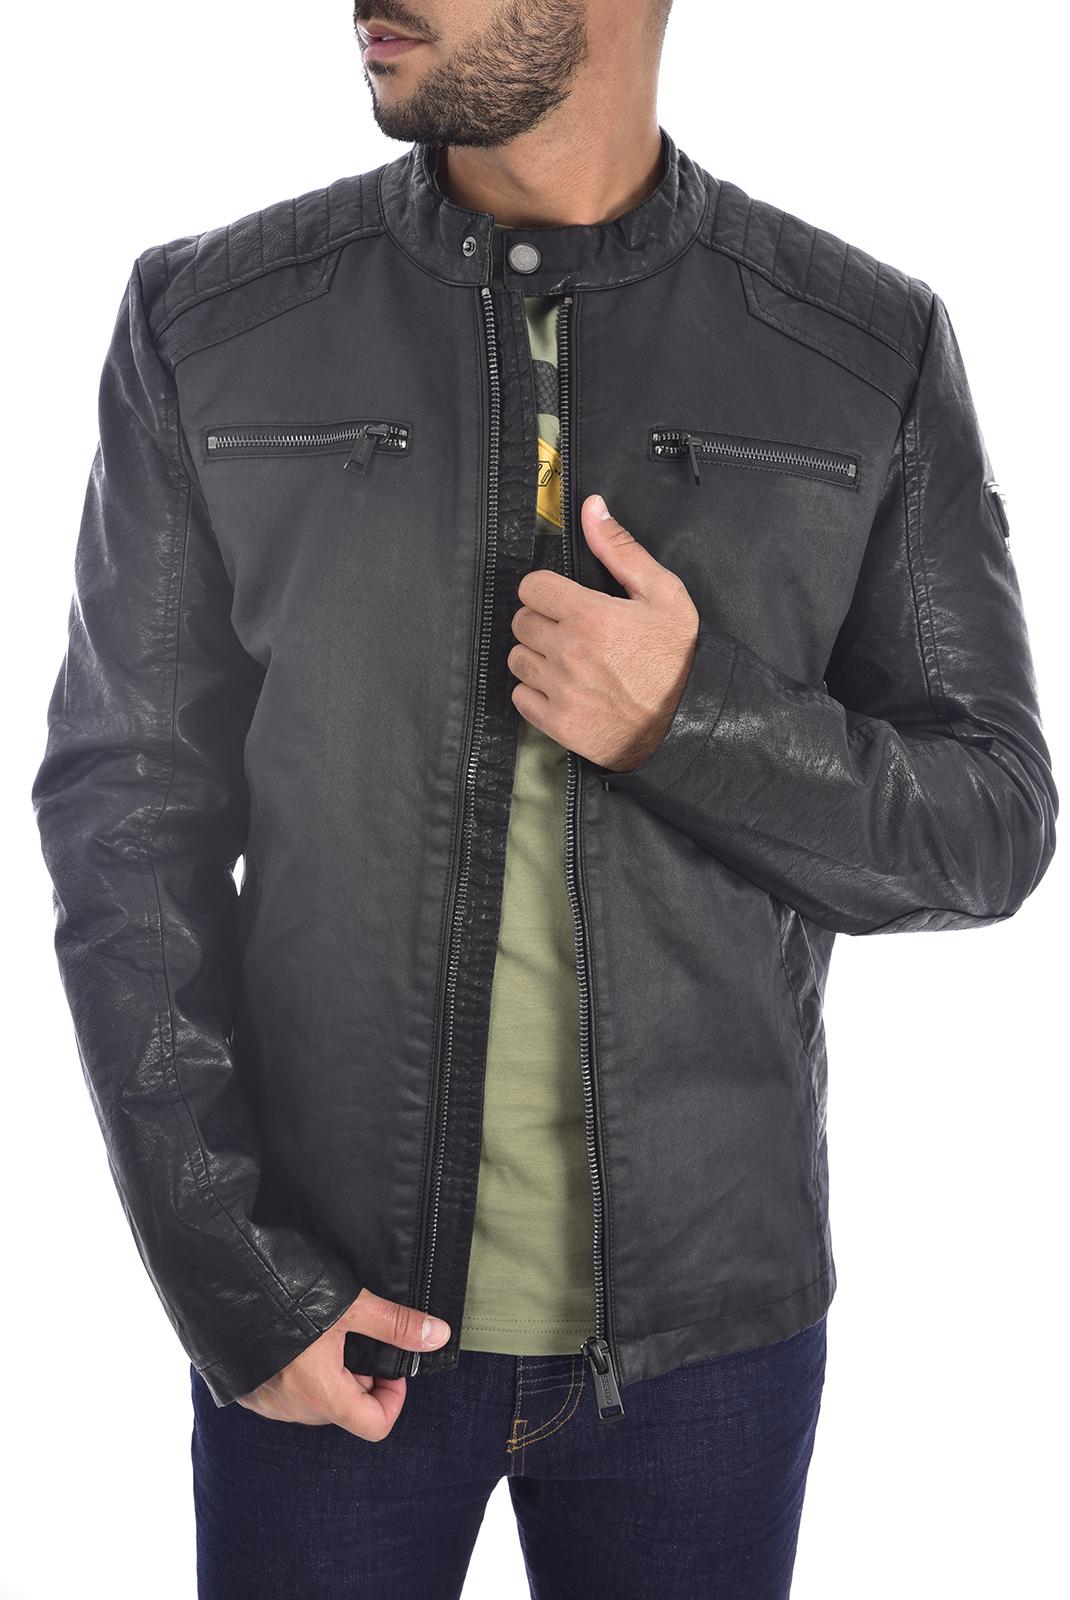 Blousons / doudounes  Guess jeans M94L61 WC2Q0 FJB9 BLACK/GREY COMBO